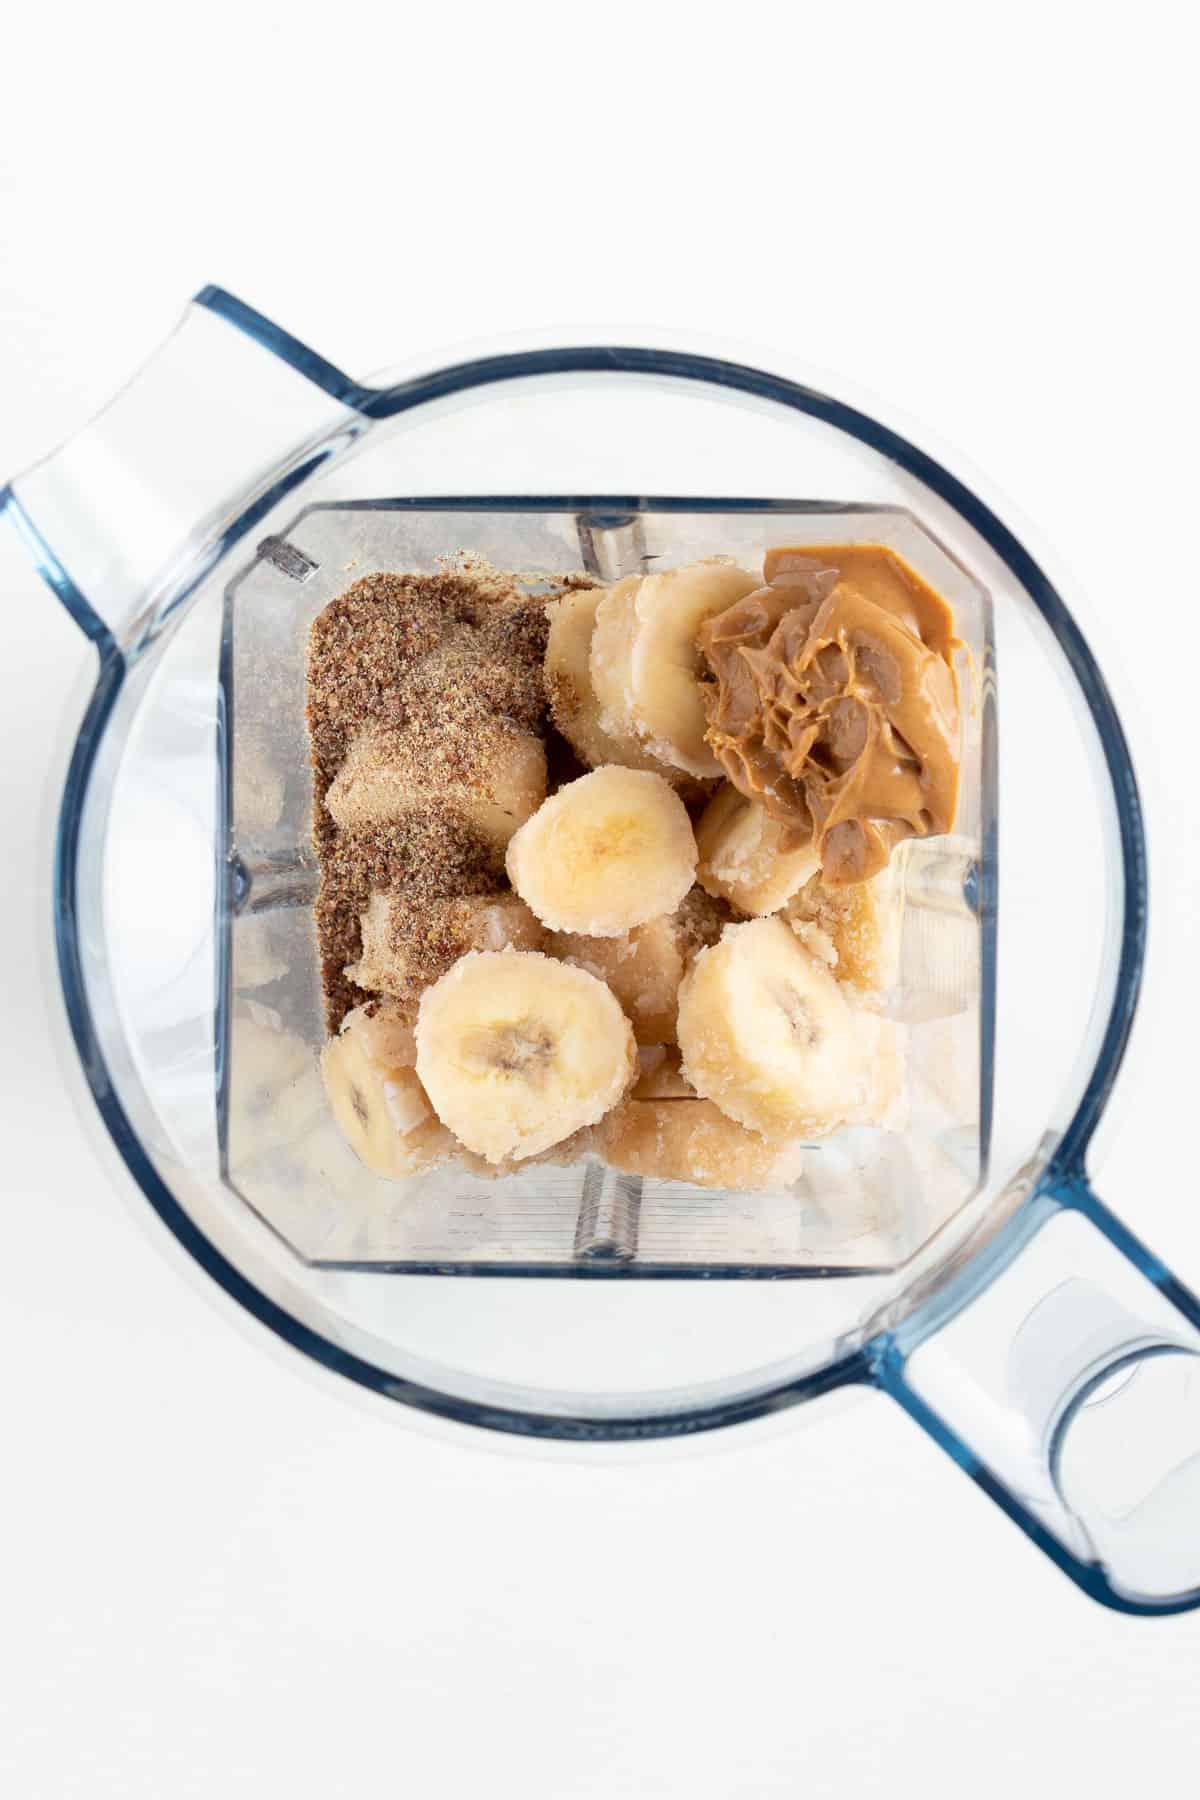 fruit and nut butter ingredients inside a blender